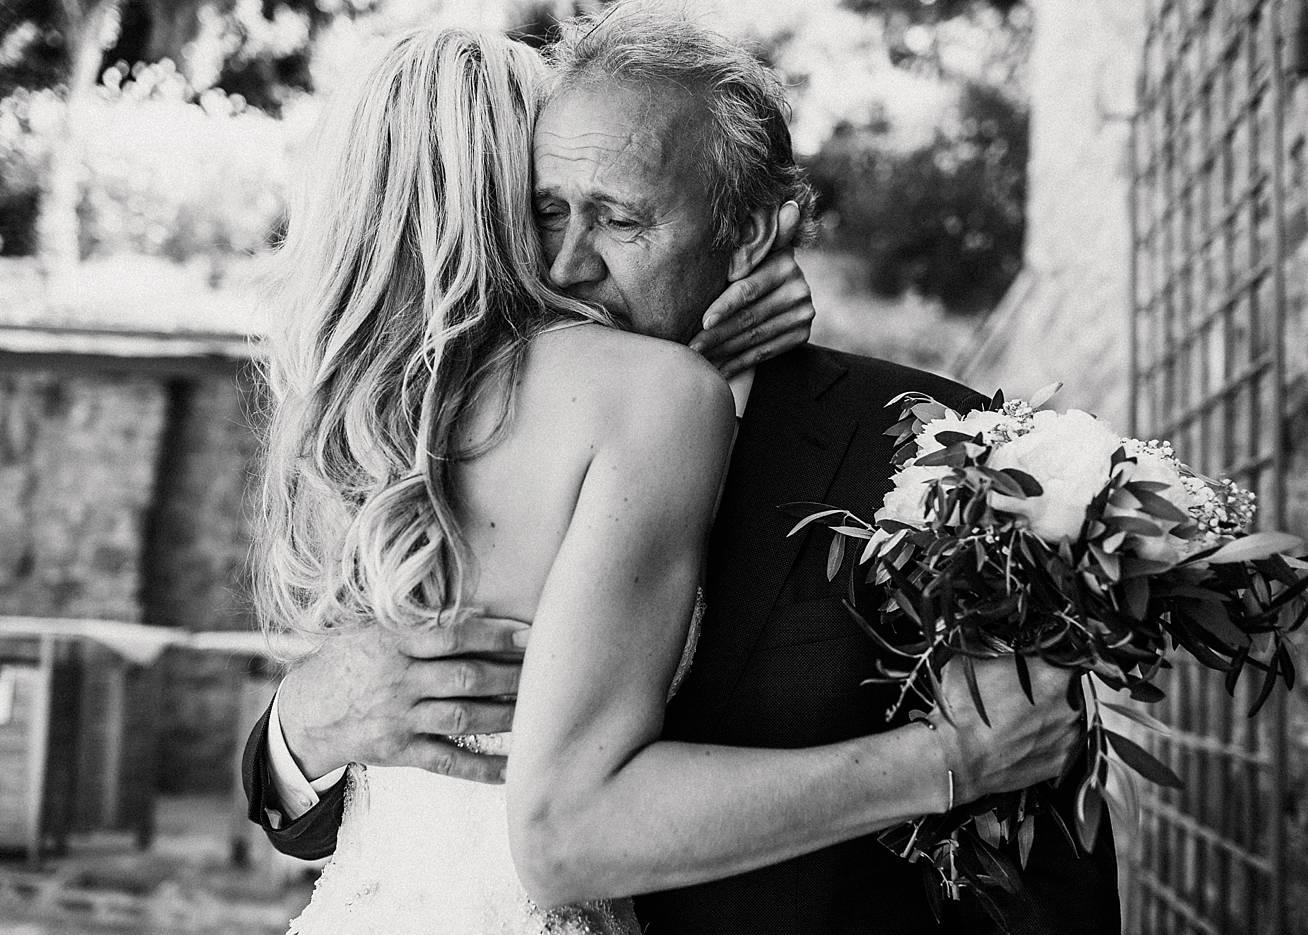 Amanda-Drost-Fotografie-trouwen-in-italie-bruidsfotografie_0042.jpg